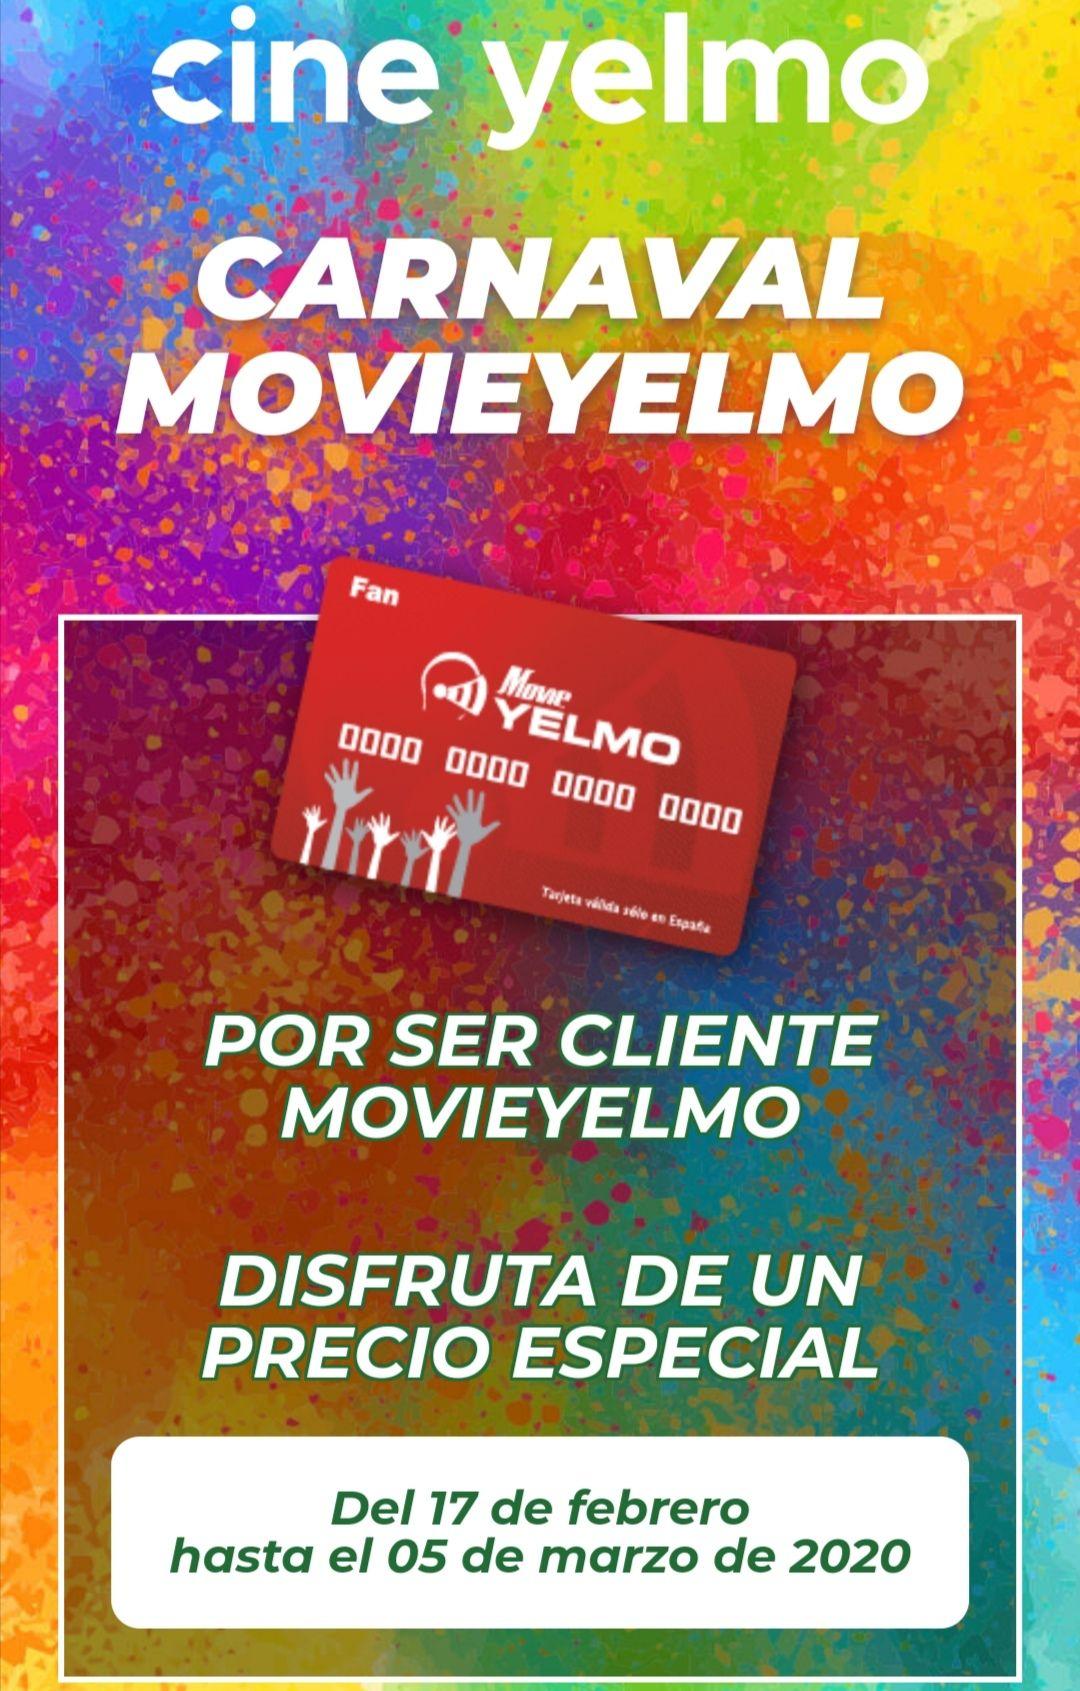 Precio especial con la tarjeta MovieYELMO